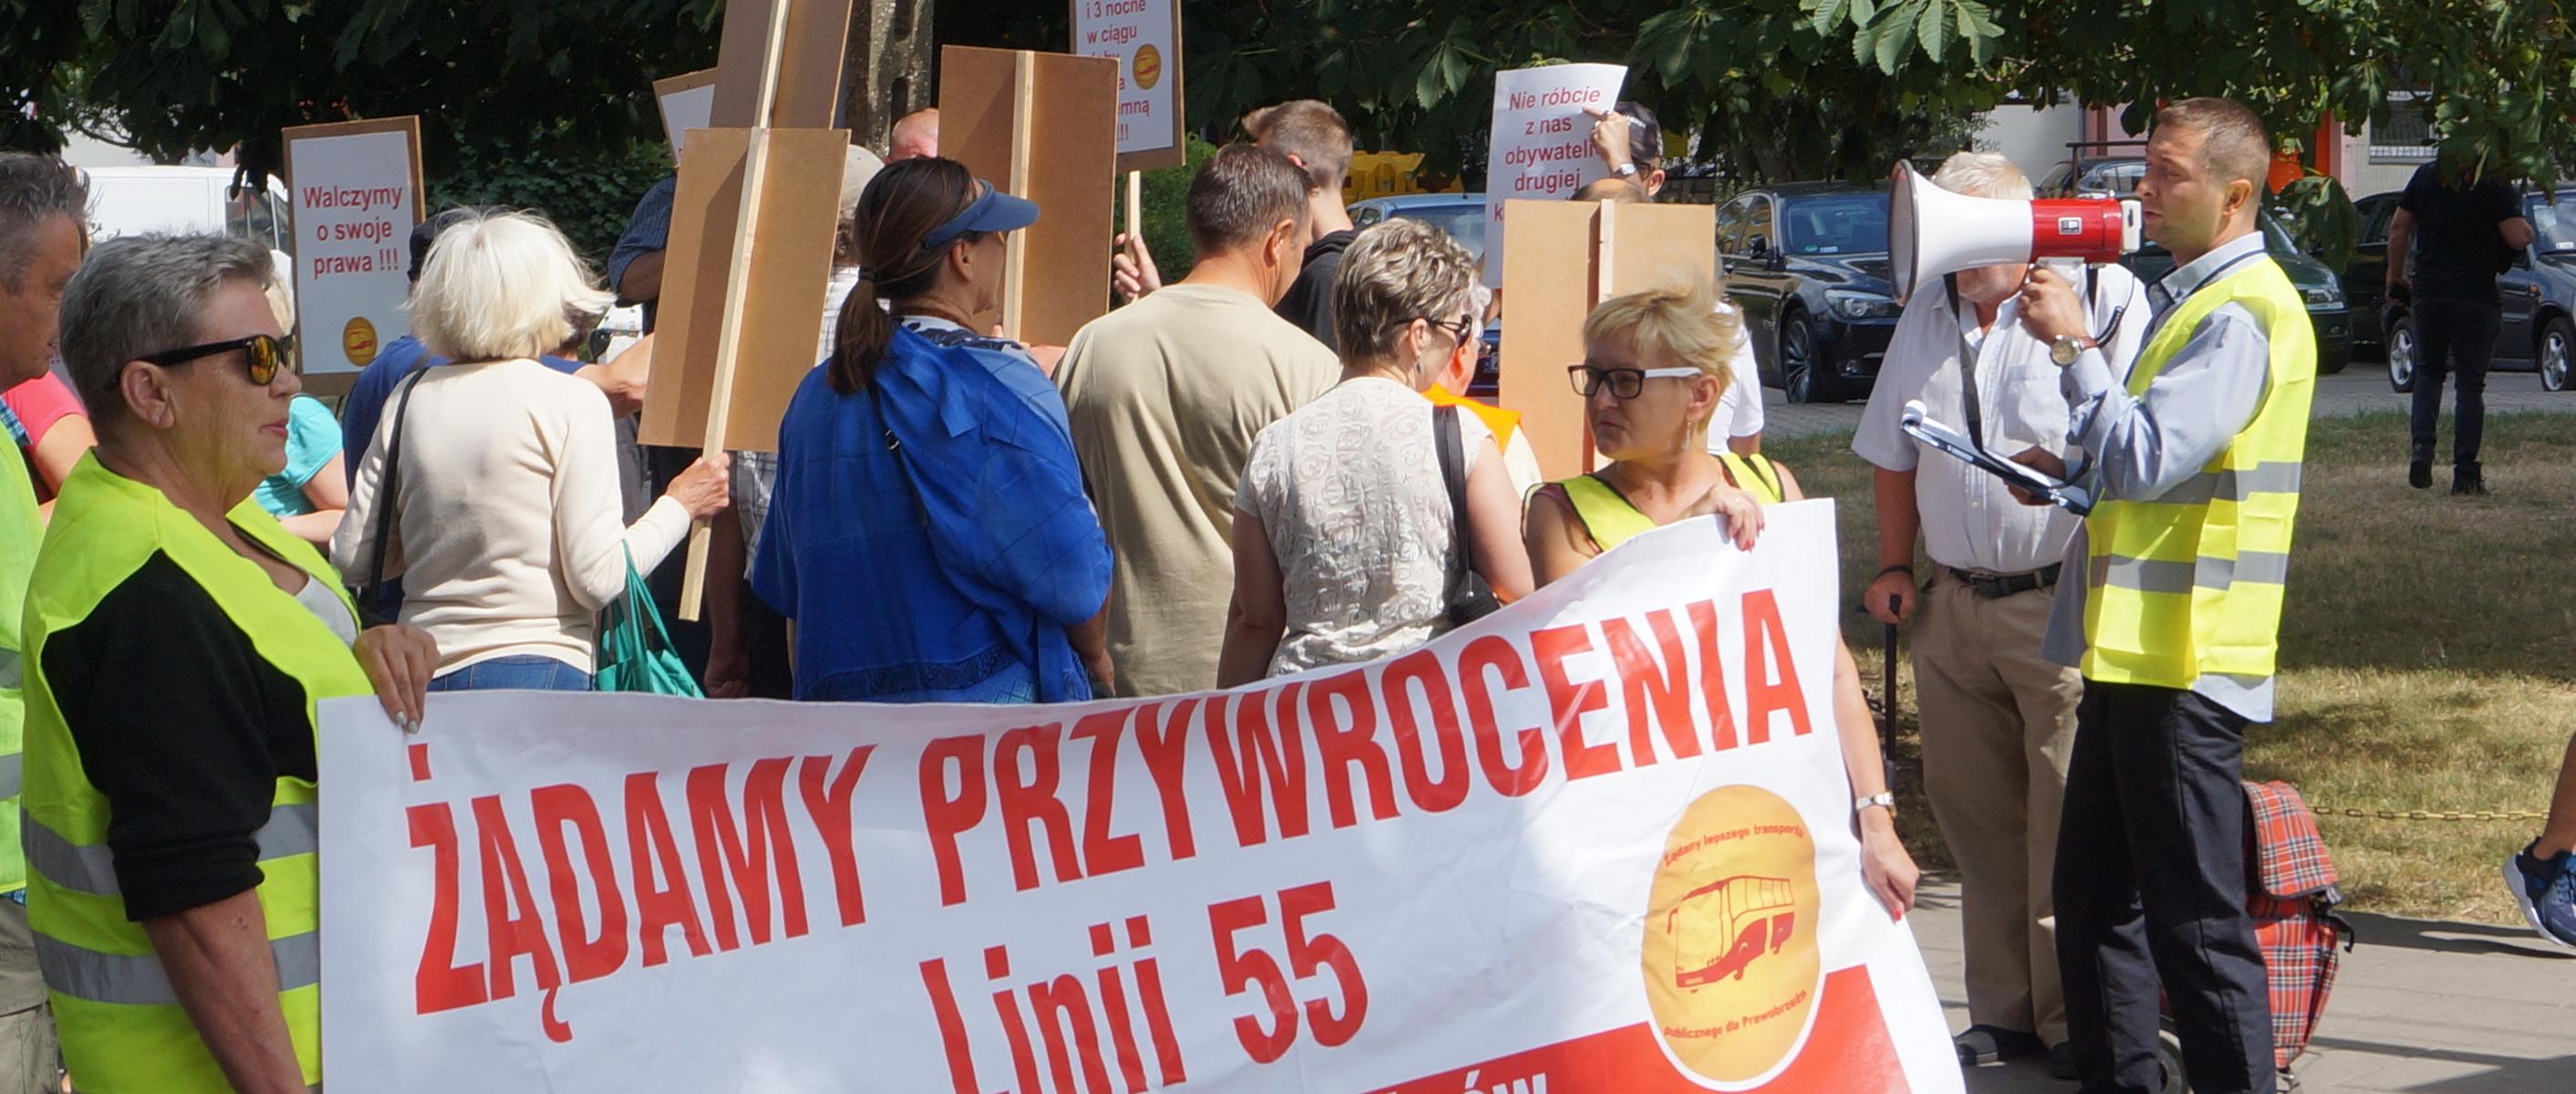 Jakub Olszewski z Pracowniczej Demokracji – kandydat na radnego w Szczecinie.